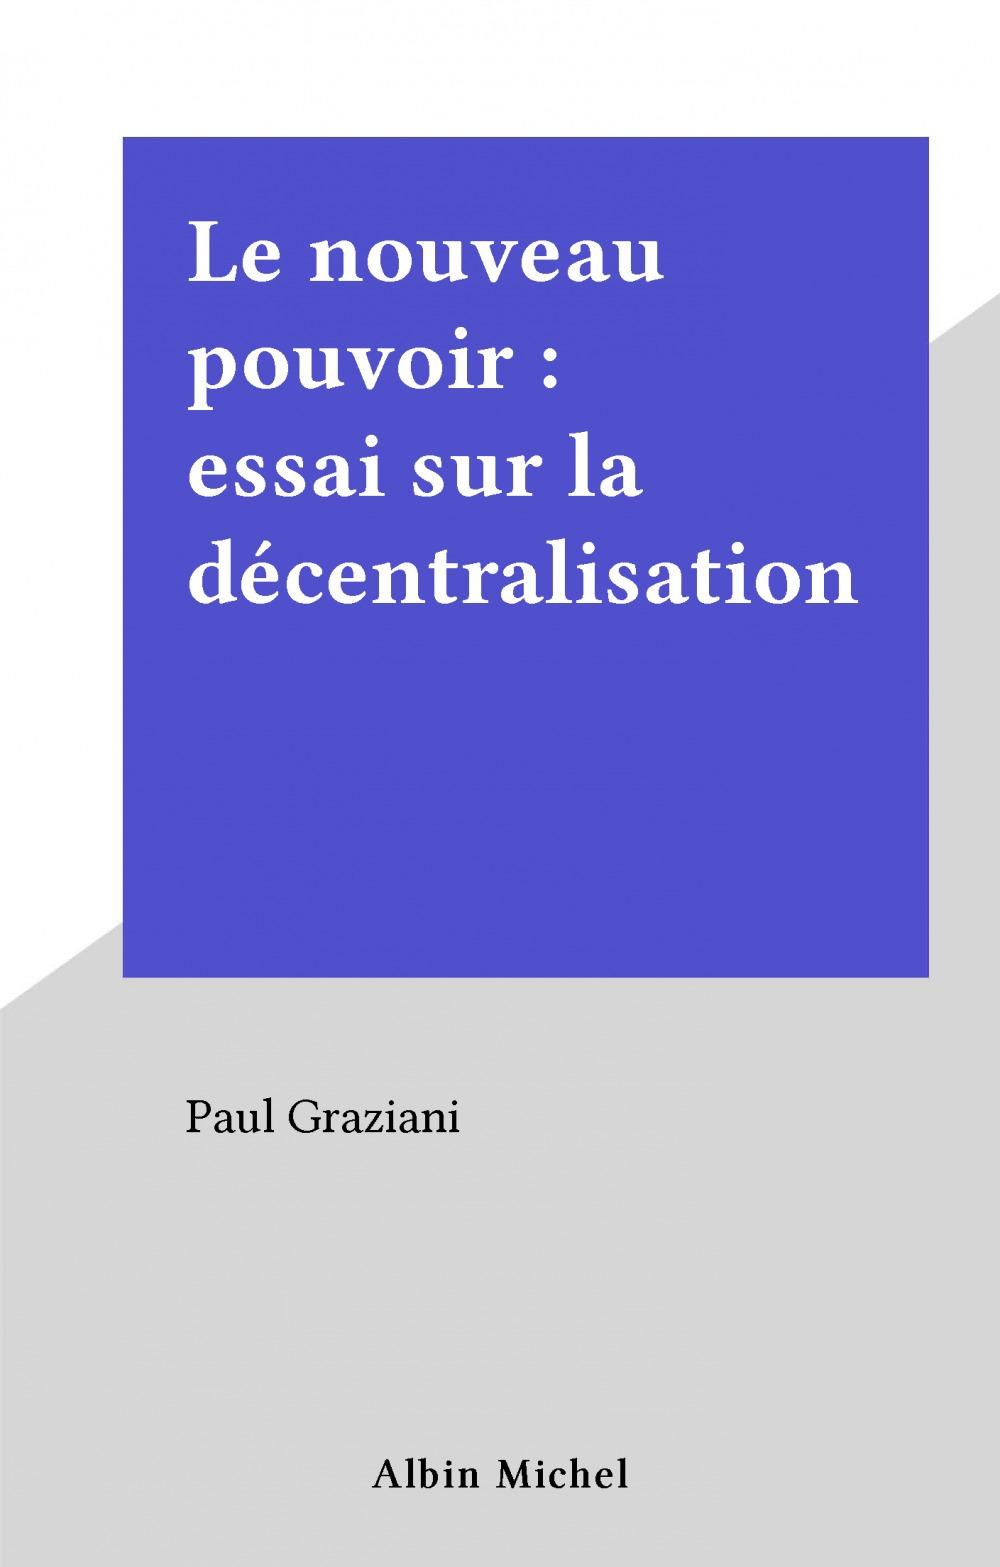 Le nouveau pouvoir : essai sur la décentralisation  - Paul Graziani